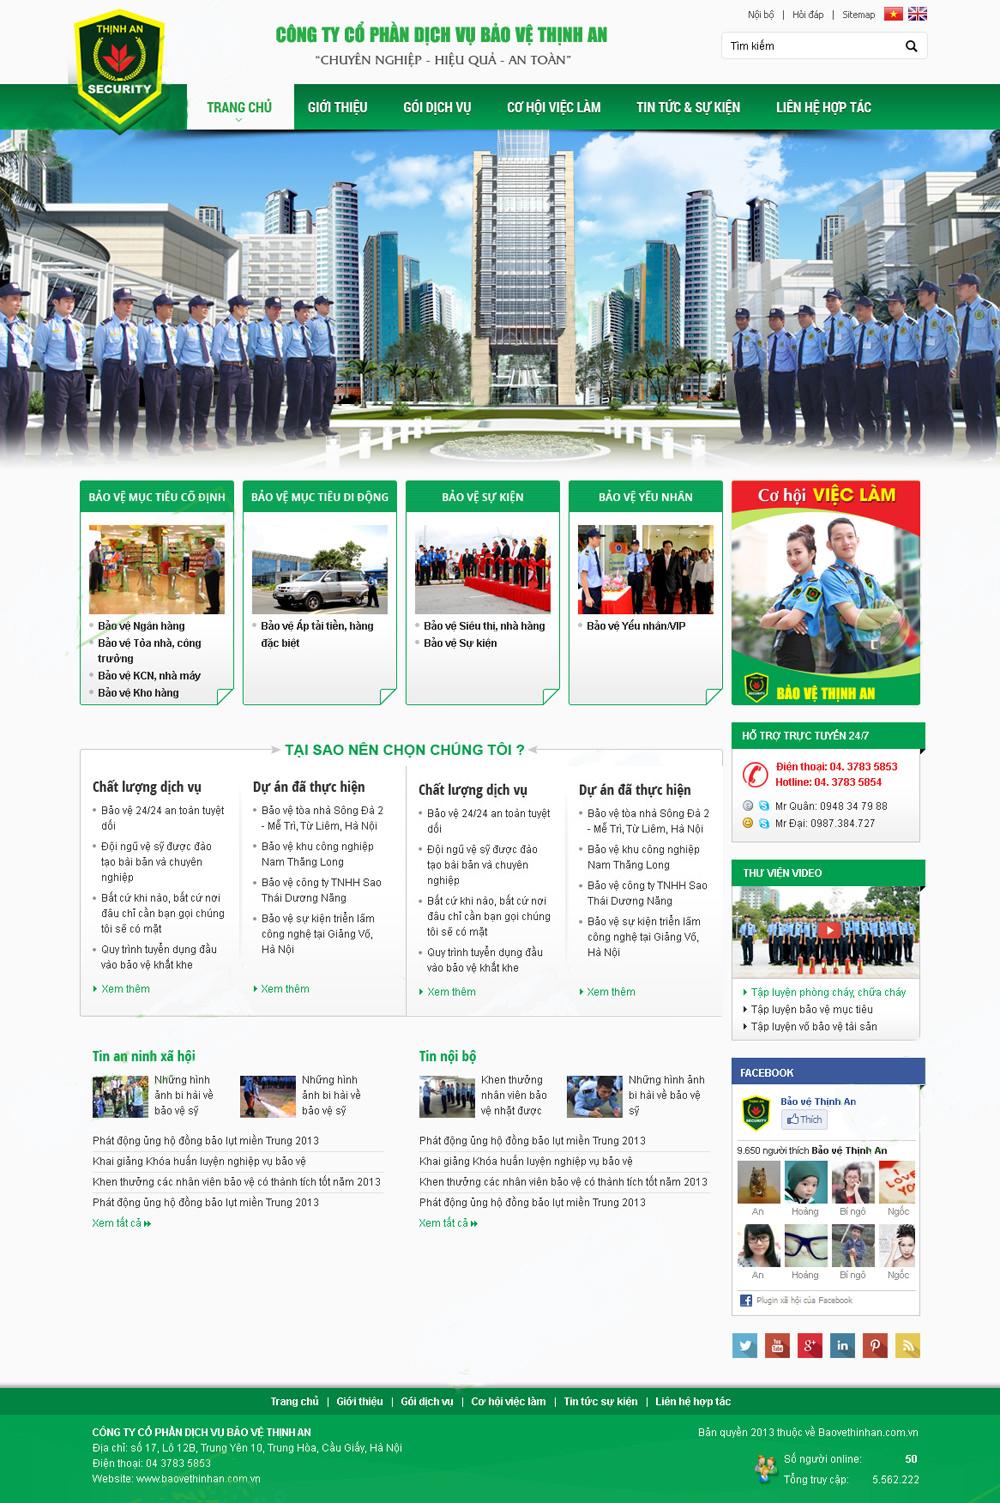 Thiết kế web giá rẻ dịch vụ bảo vệ